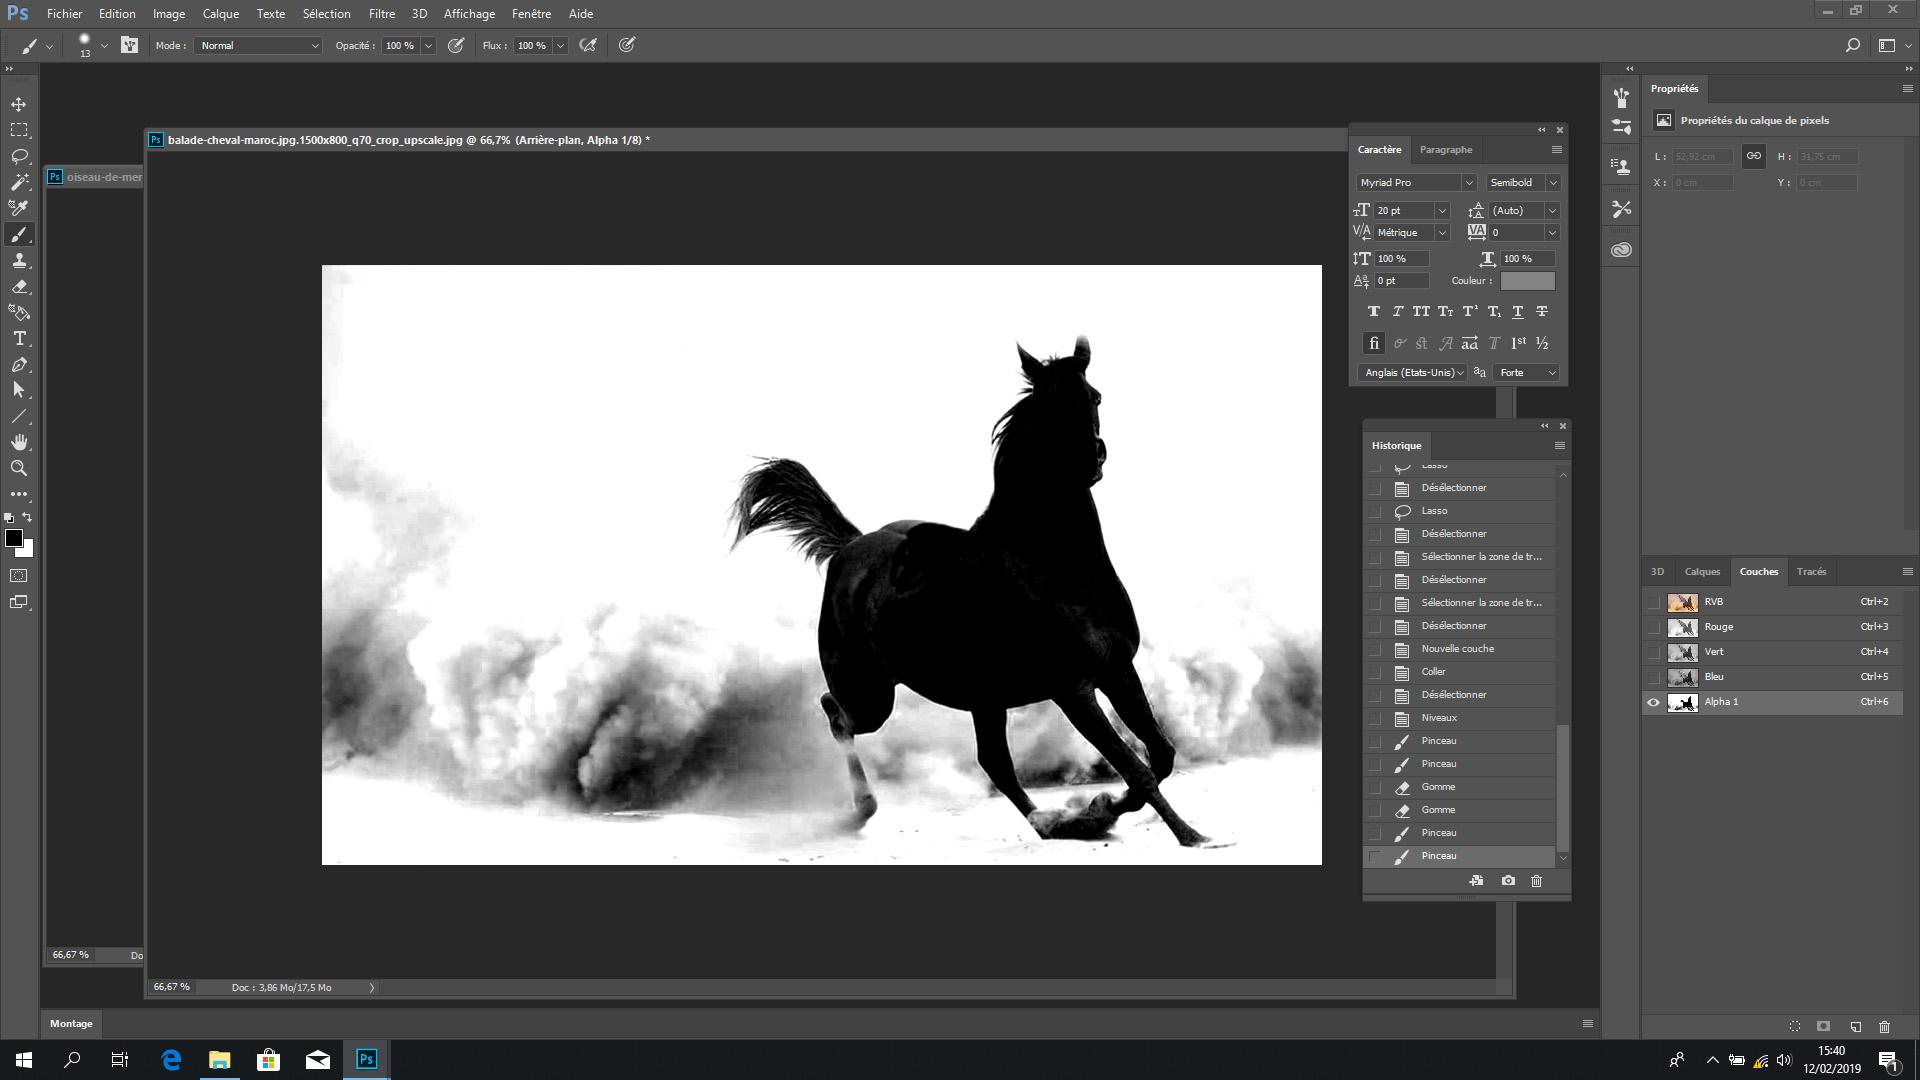 Une tête de cheval très noire sur un fond blanc